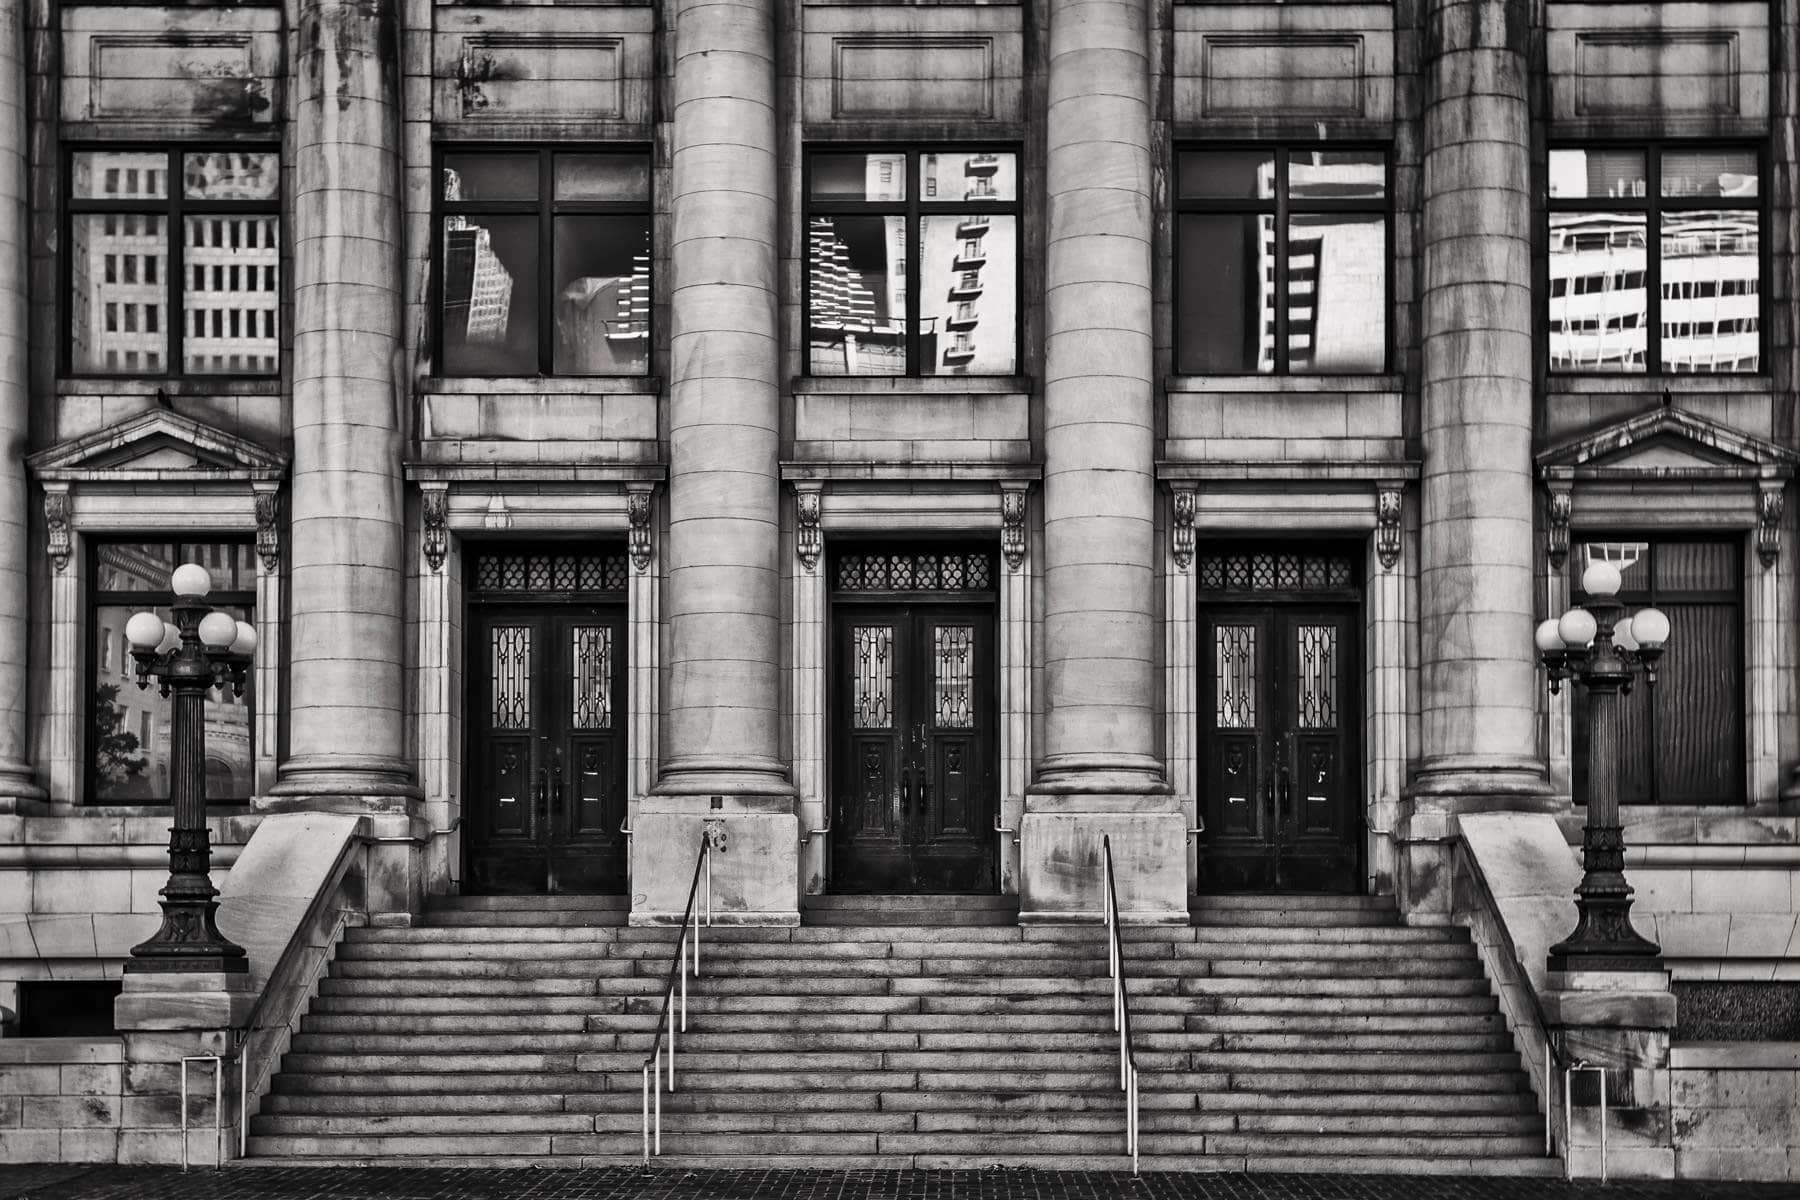 The main entrance of the Dallas Municipal Building, Dallas, Texas.